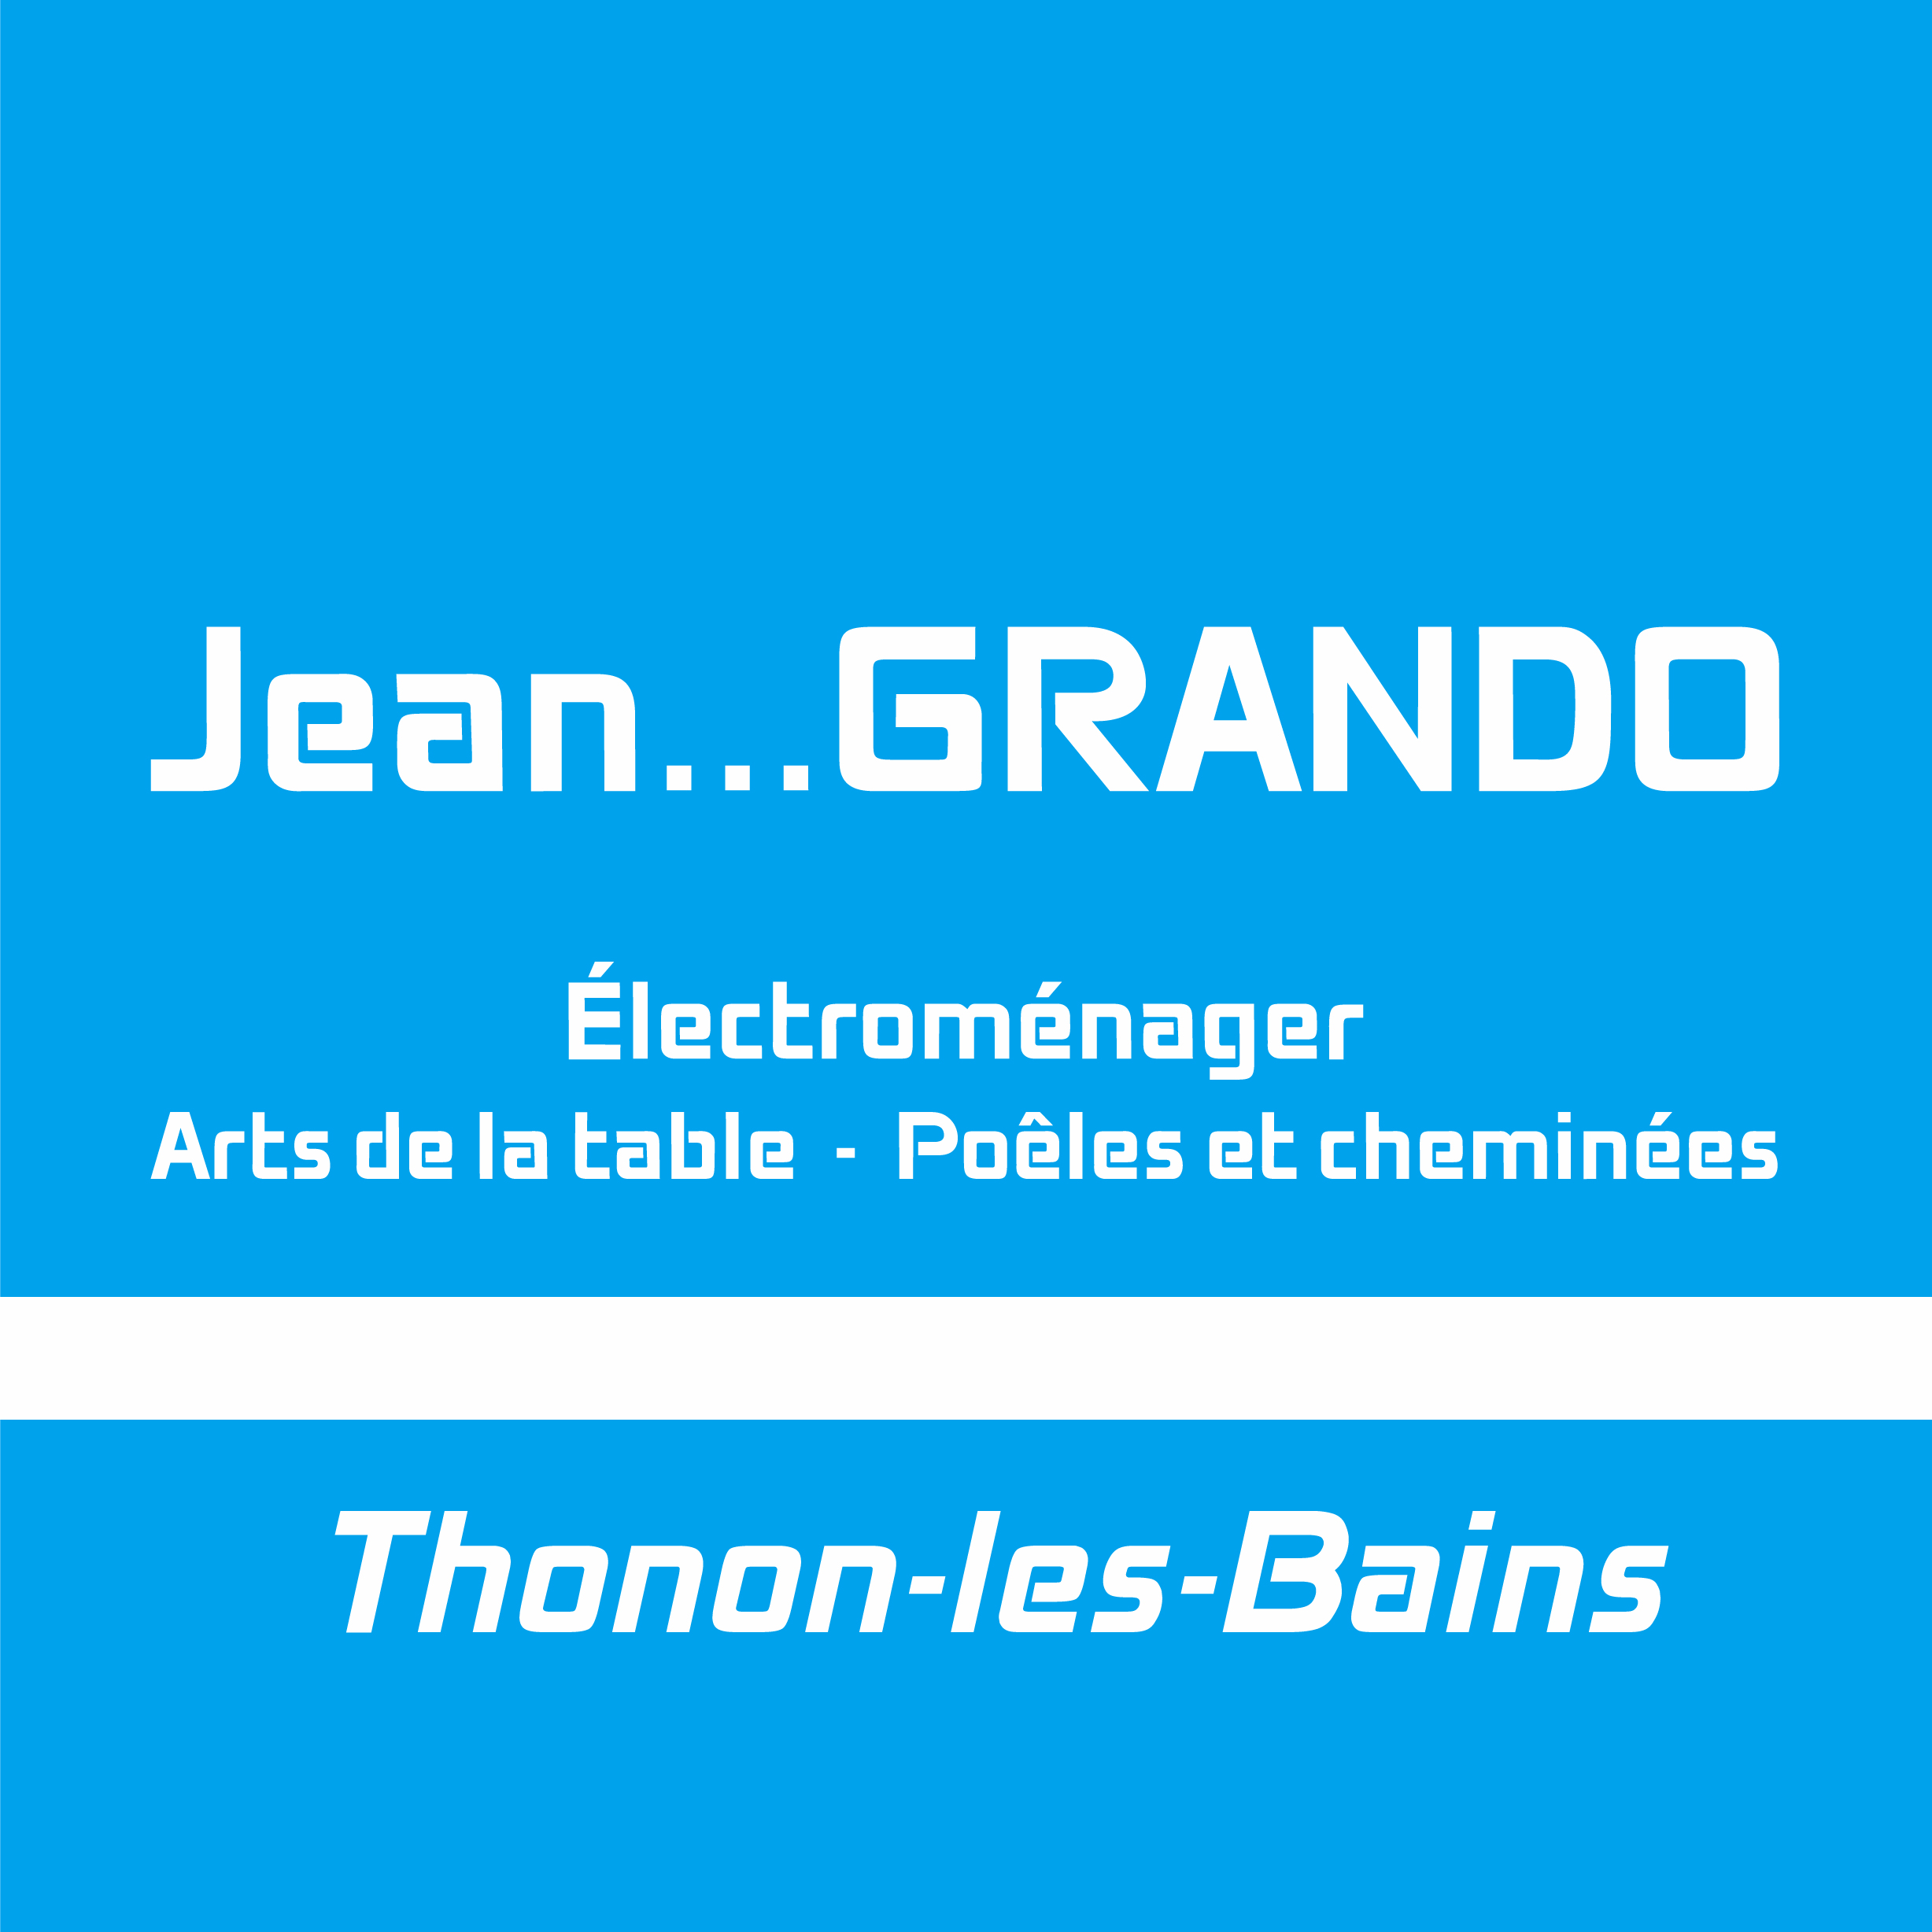 Jean…Grando Votre spécialiste en électroménager à Thonon depuis 1966